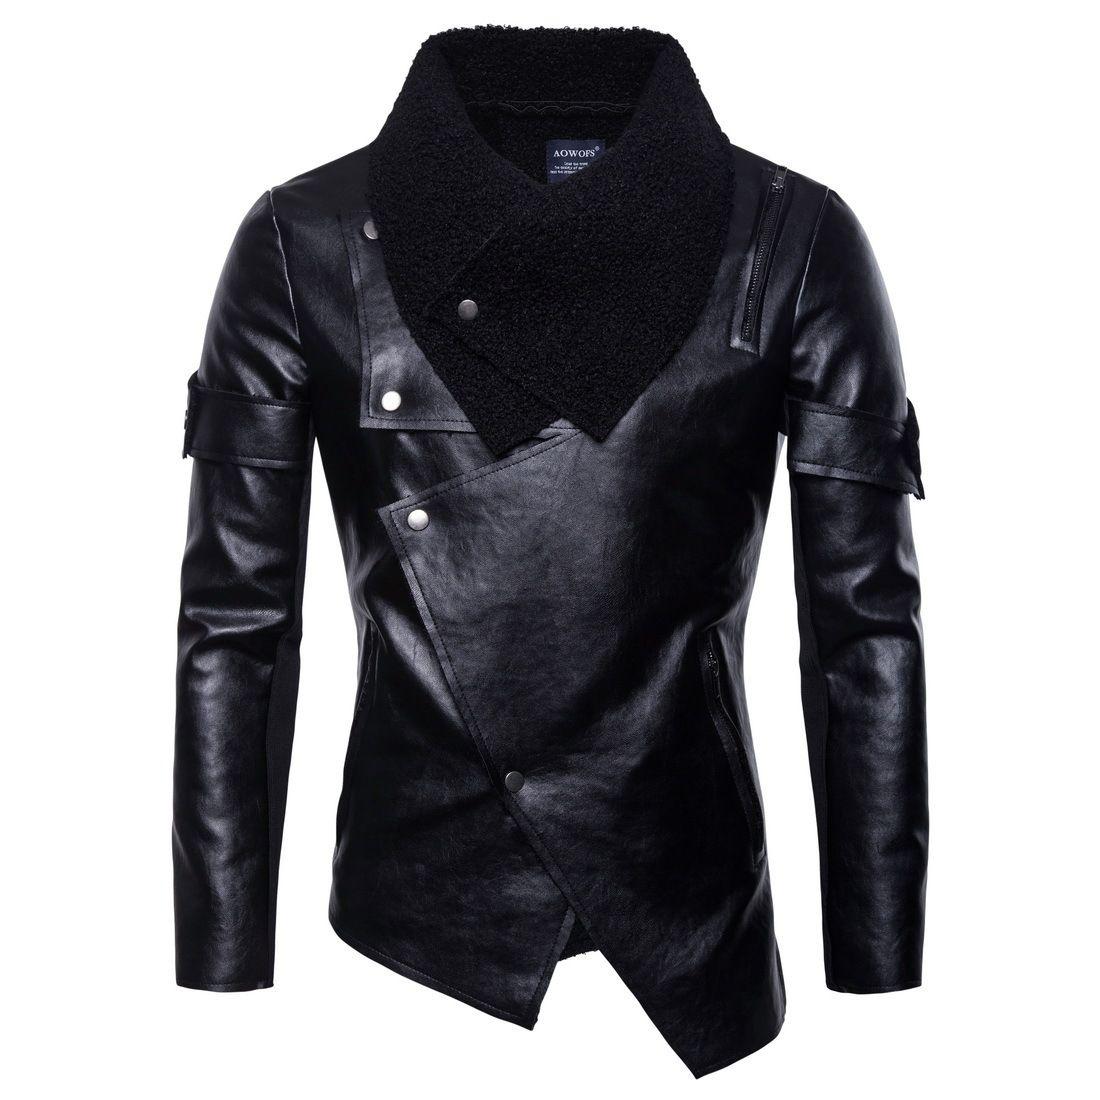 2018 nuova giacca da uomo in pelle moto abbigliamento in pelle lavata personalità giacca di pelle punk irregolare tendenza